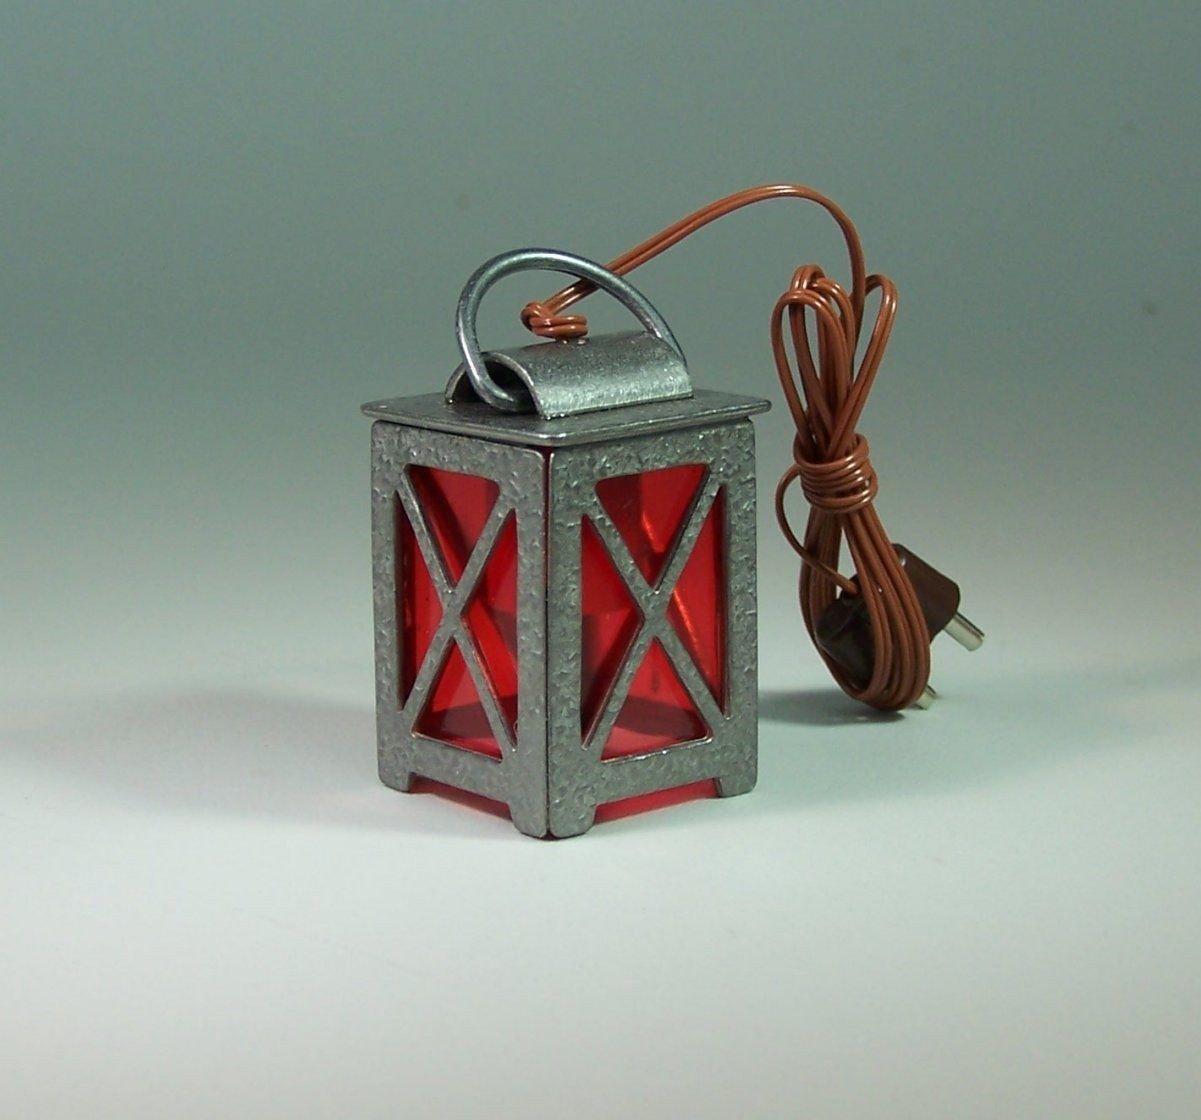 F/ür Krippenbeleuchtung. Zinnlaterne mit rote Scheiben 3,8 cm 3,5 V